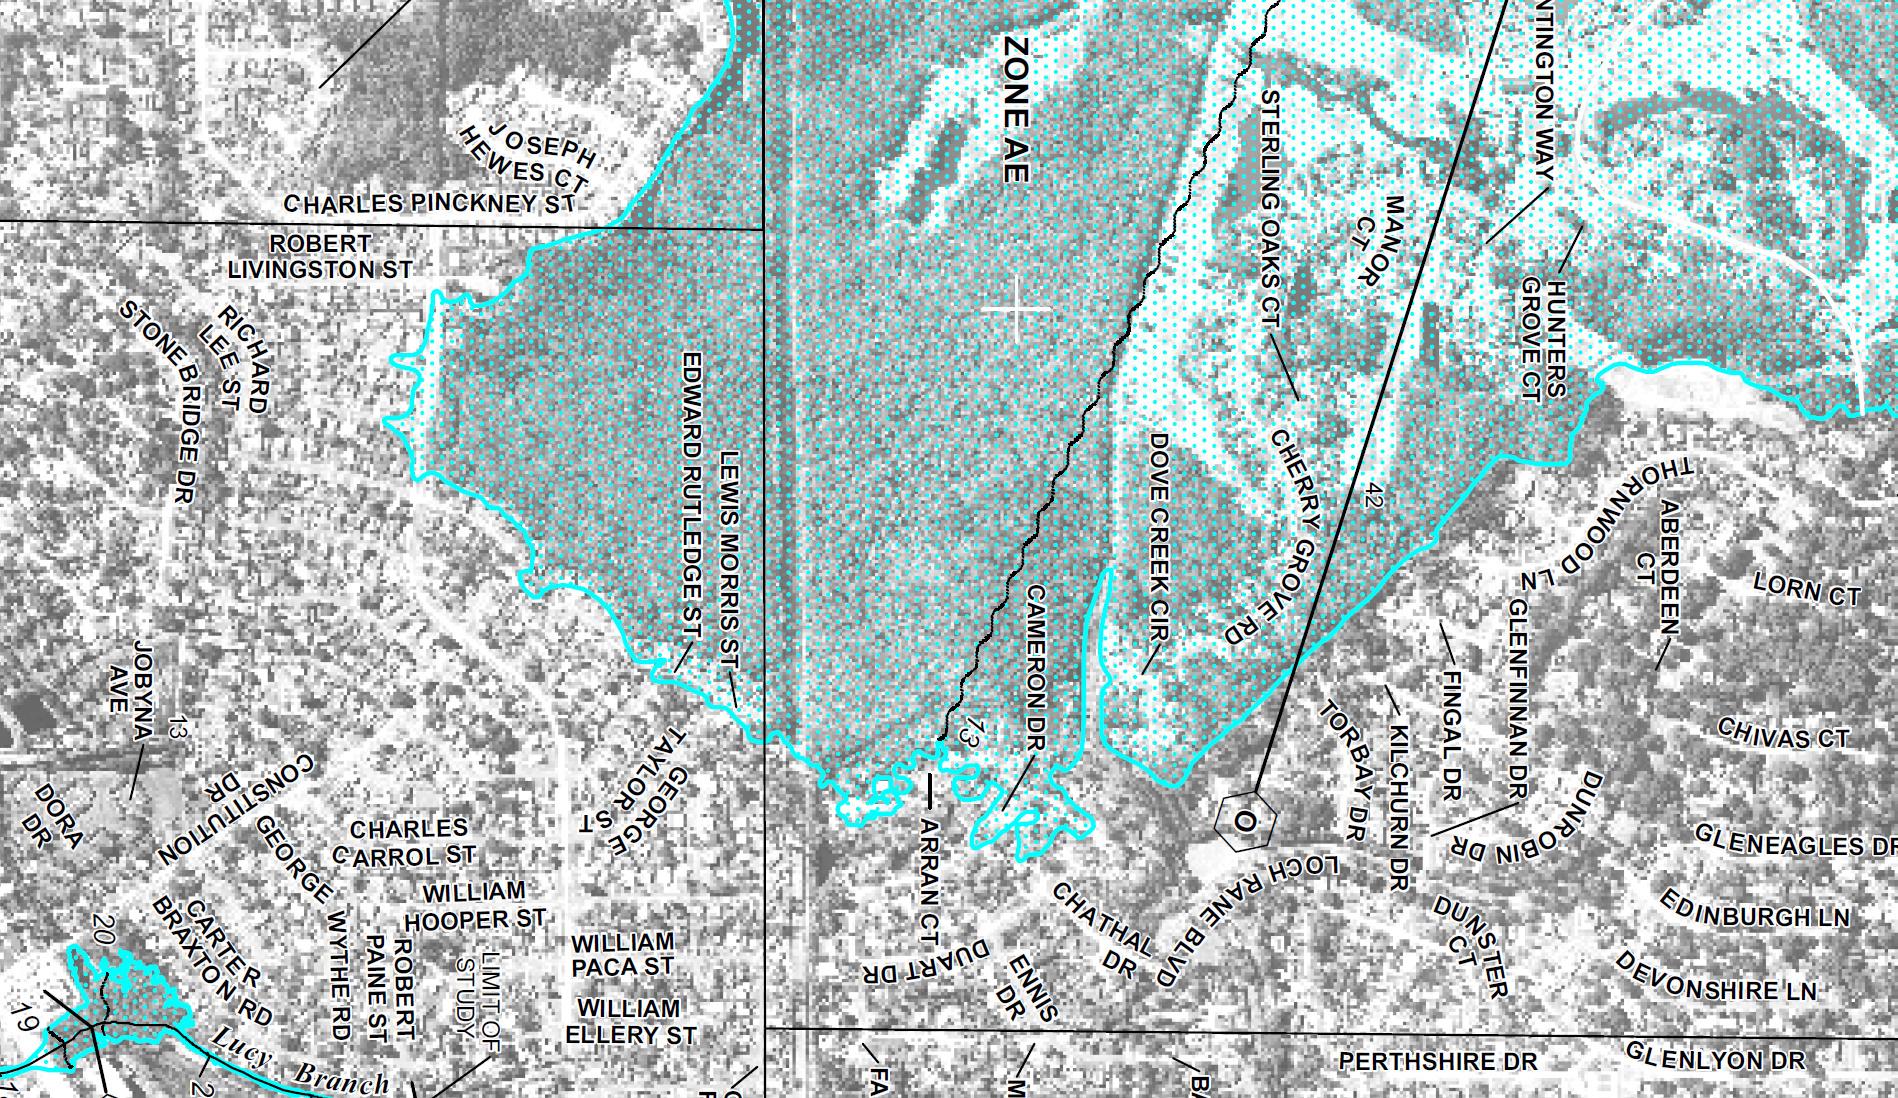 Florida Flood Zone Map - Fema Flood Zone Map Florida